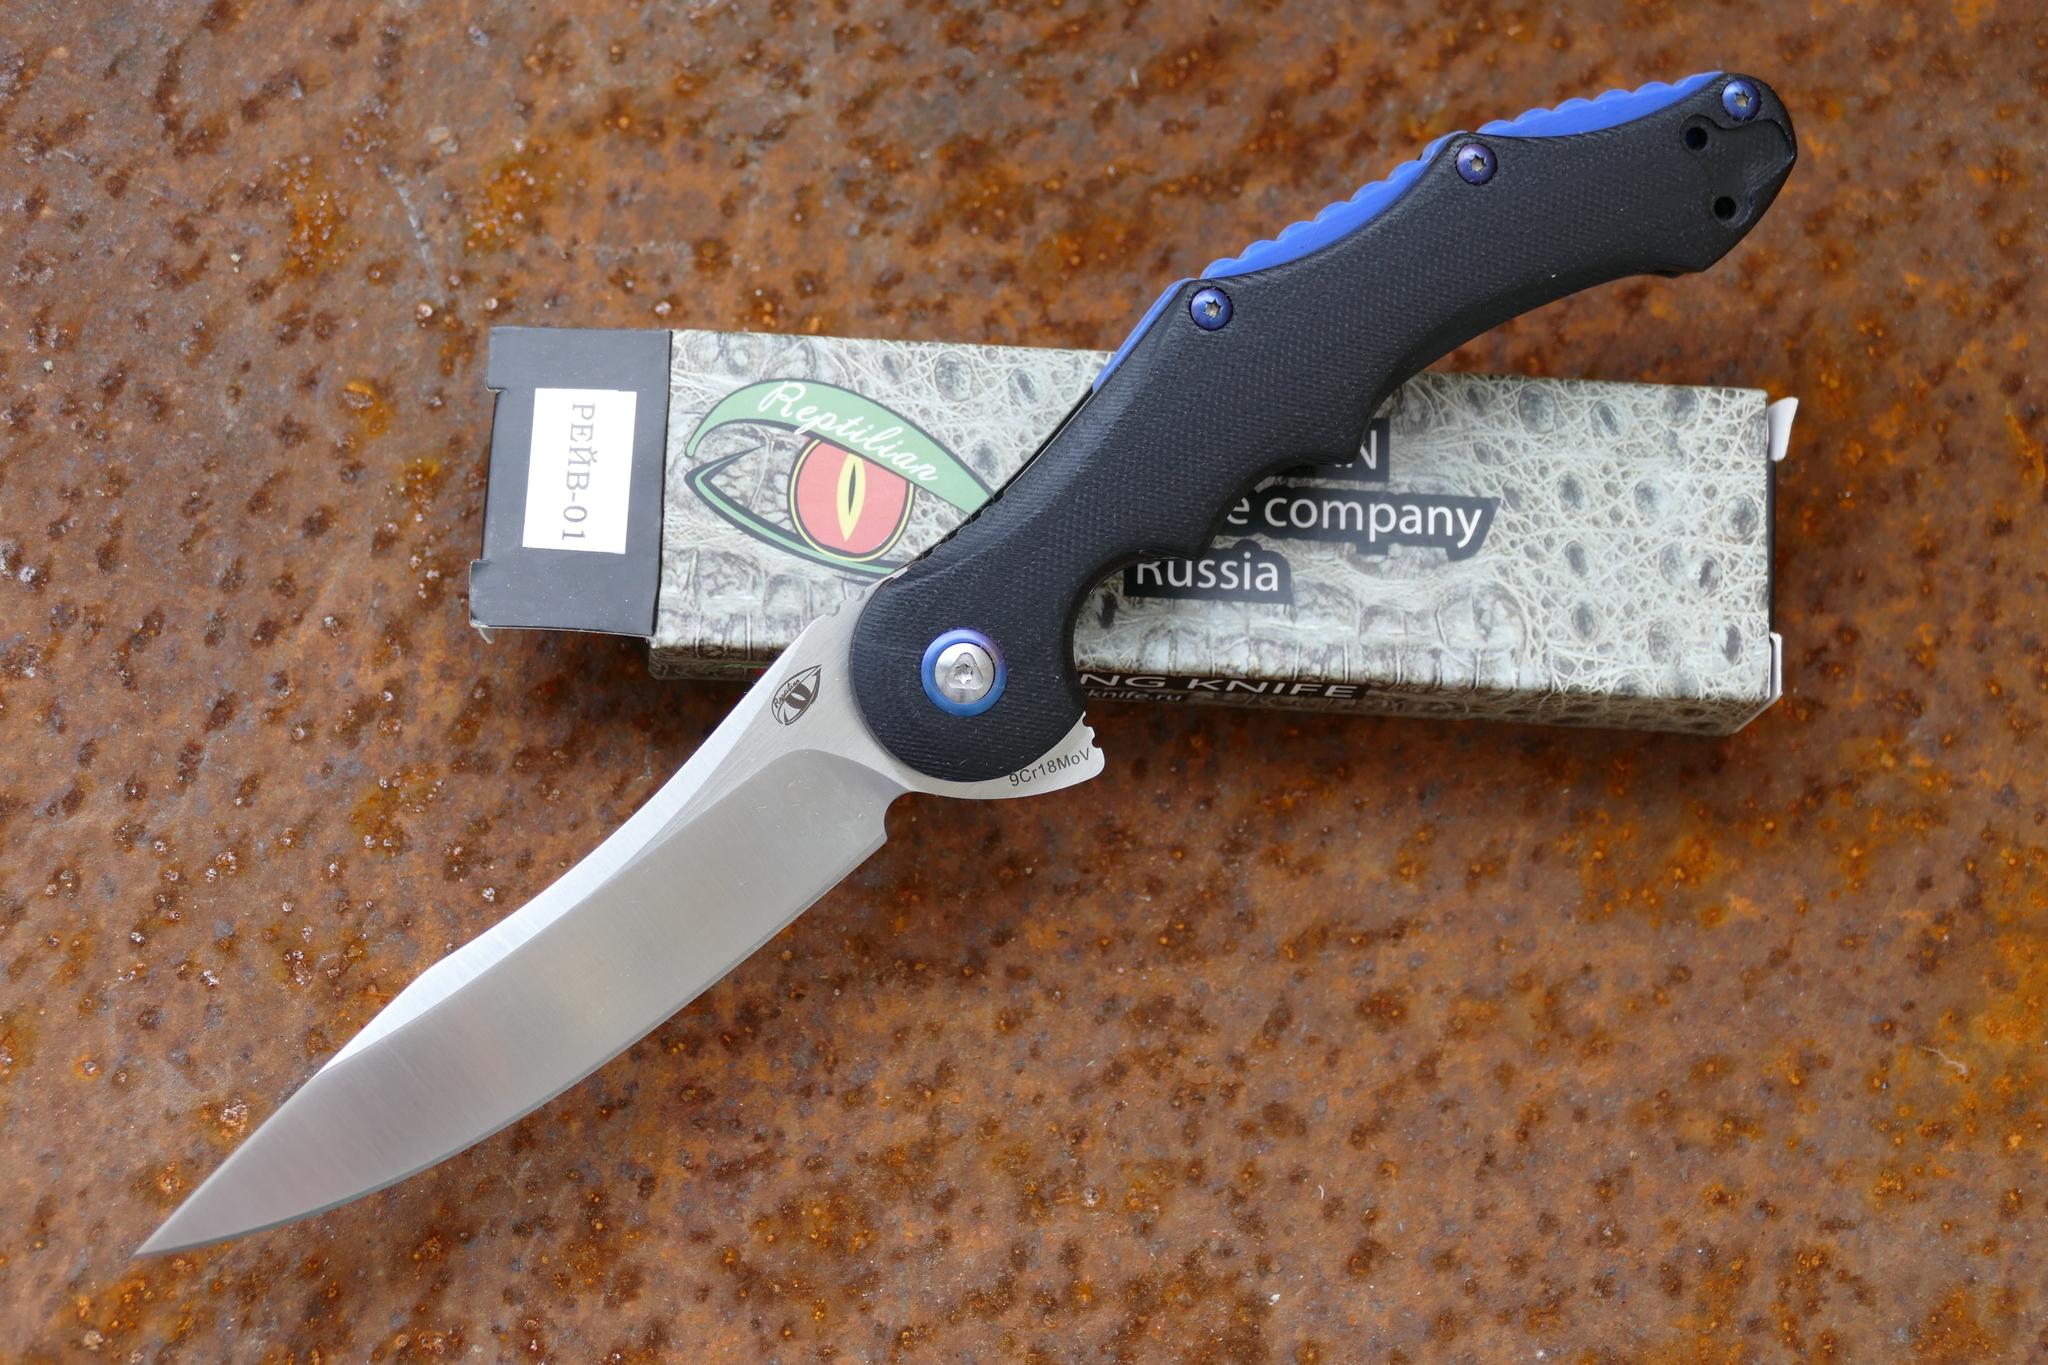 Нож РейвРаскладные ножи<br>марка стали: 9Cr18MoVтвёрдость: HRC57-58длина общая: 237ммдлина клинка: 105ммширина клинка наибольшая: 24ммтолщина обуха: 3.5ммвес: 136гртип замка: liner lockМеханизм открытия: IKBS (шарикоподшипниковая система)<br>